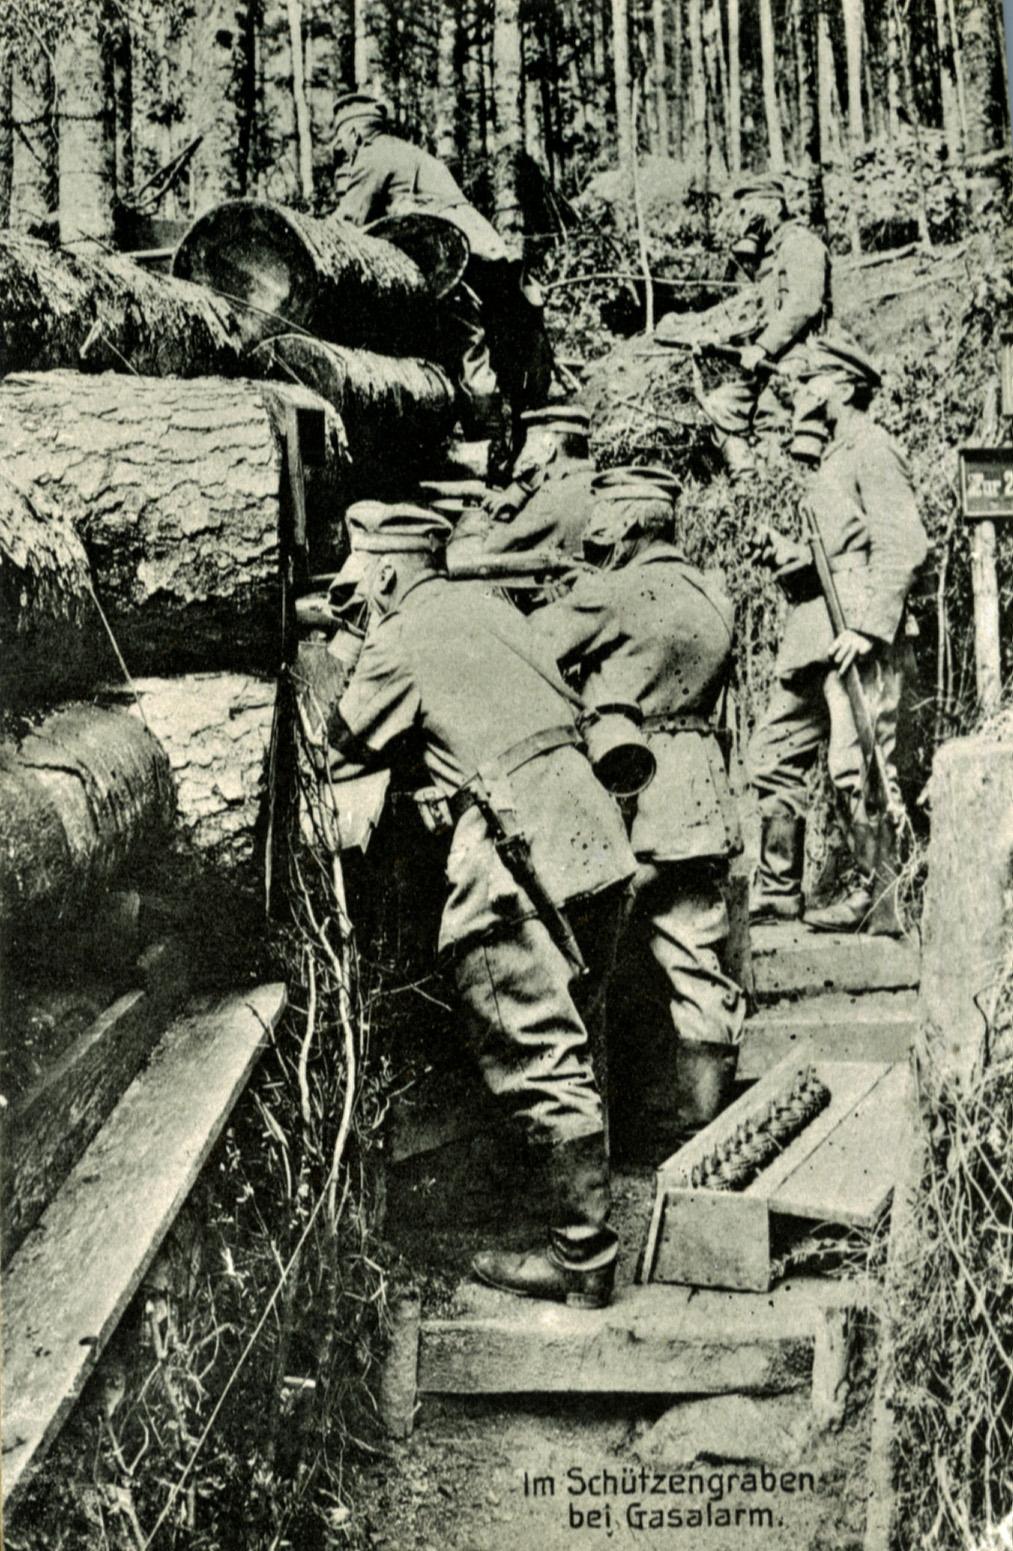 """21. april 1915. """"Tyskerne havde udregnet en djævelsk plan"""". Gasangreb ved Ypres!"""